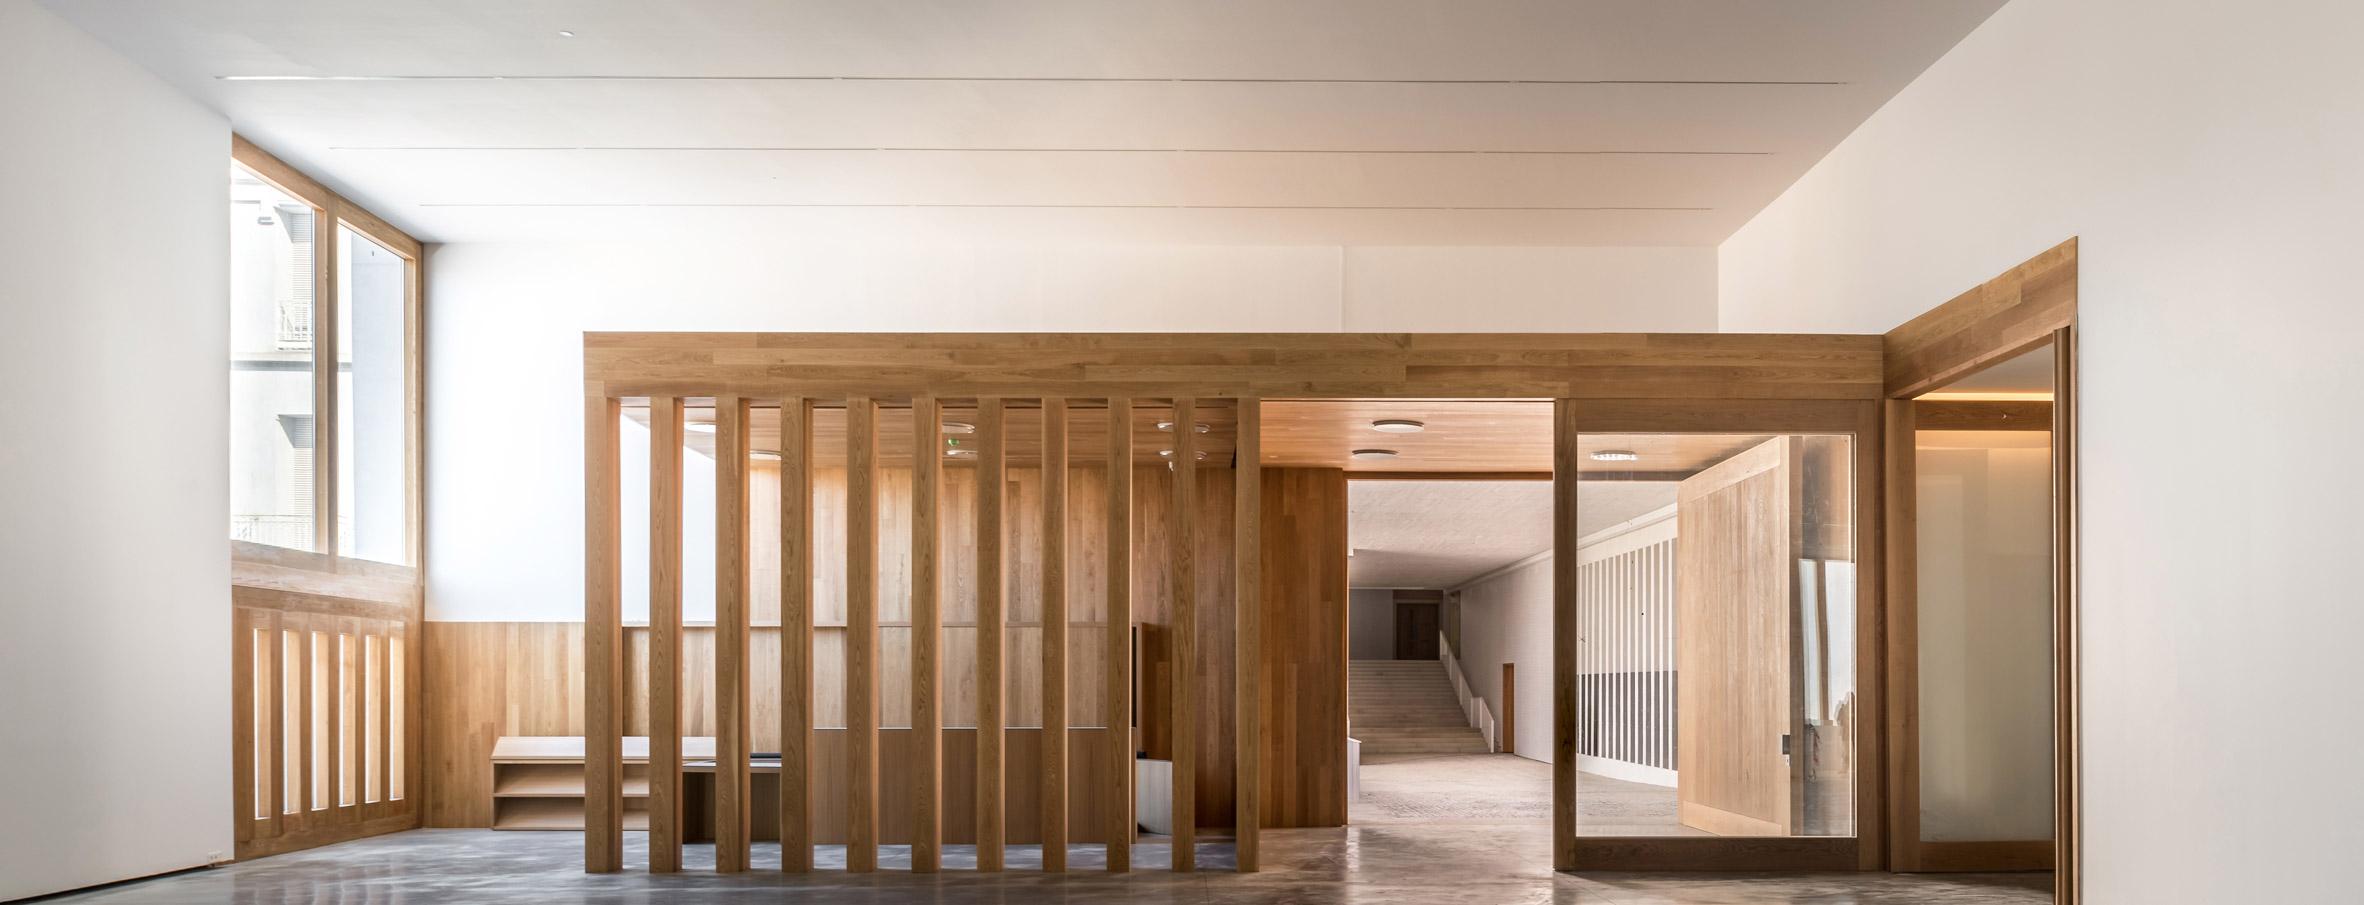 Museum of Contemporary Art Helga de Alvear by Tuñón Arquitectos